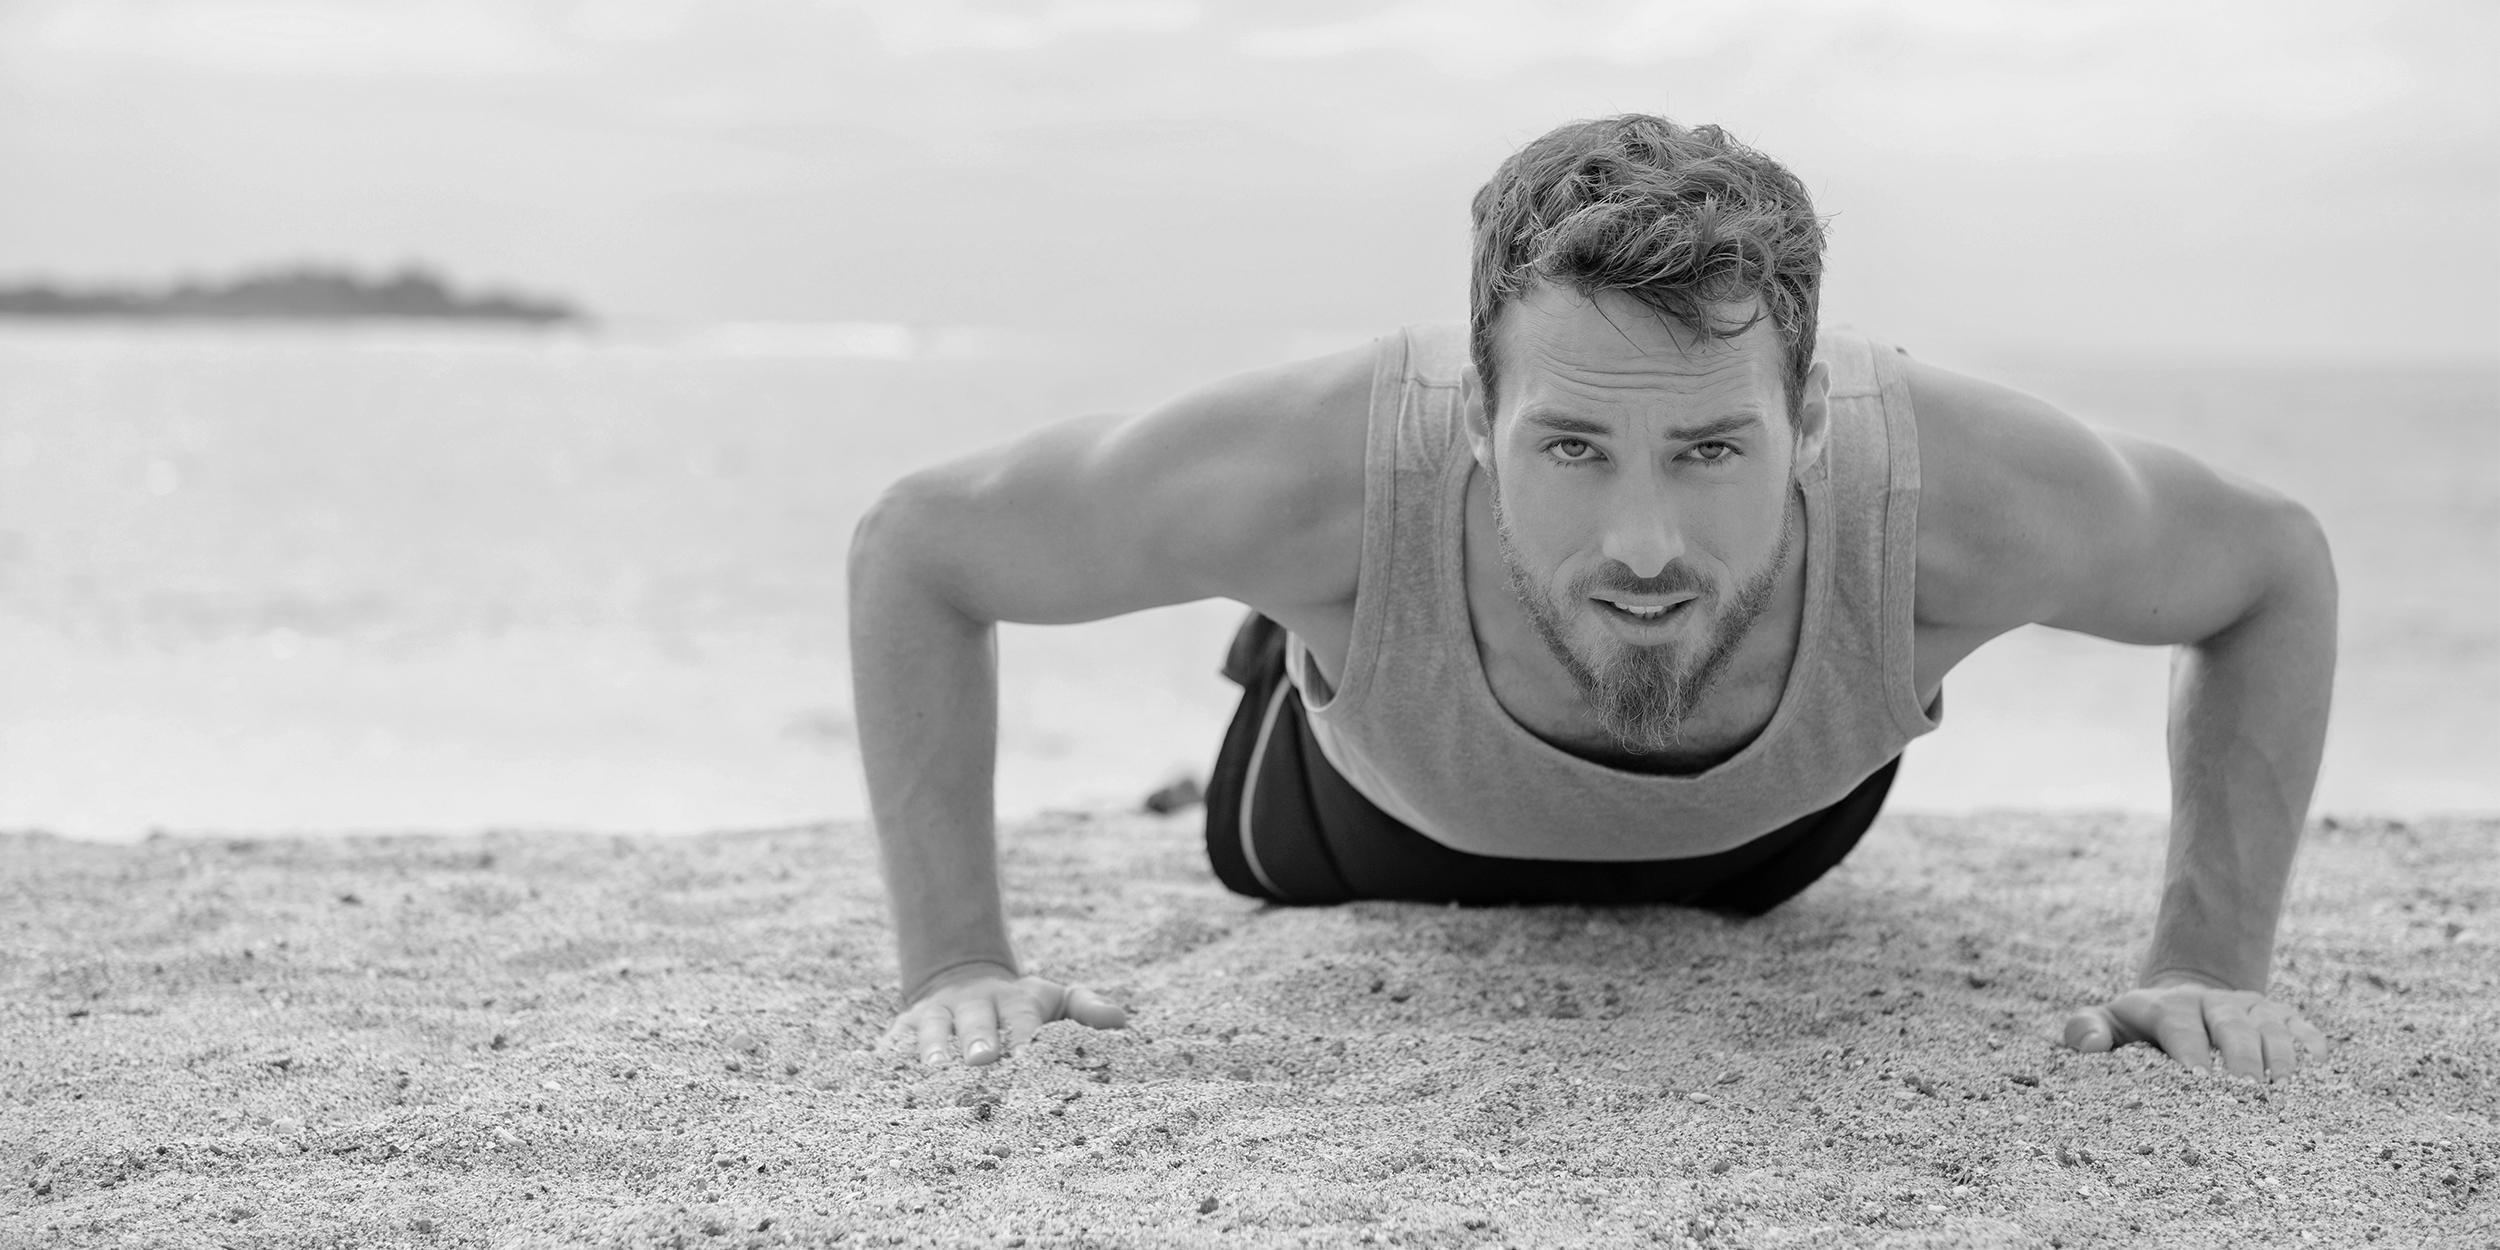 Пляжные тренировки от игрока NBA Горана Драгича